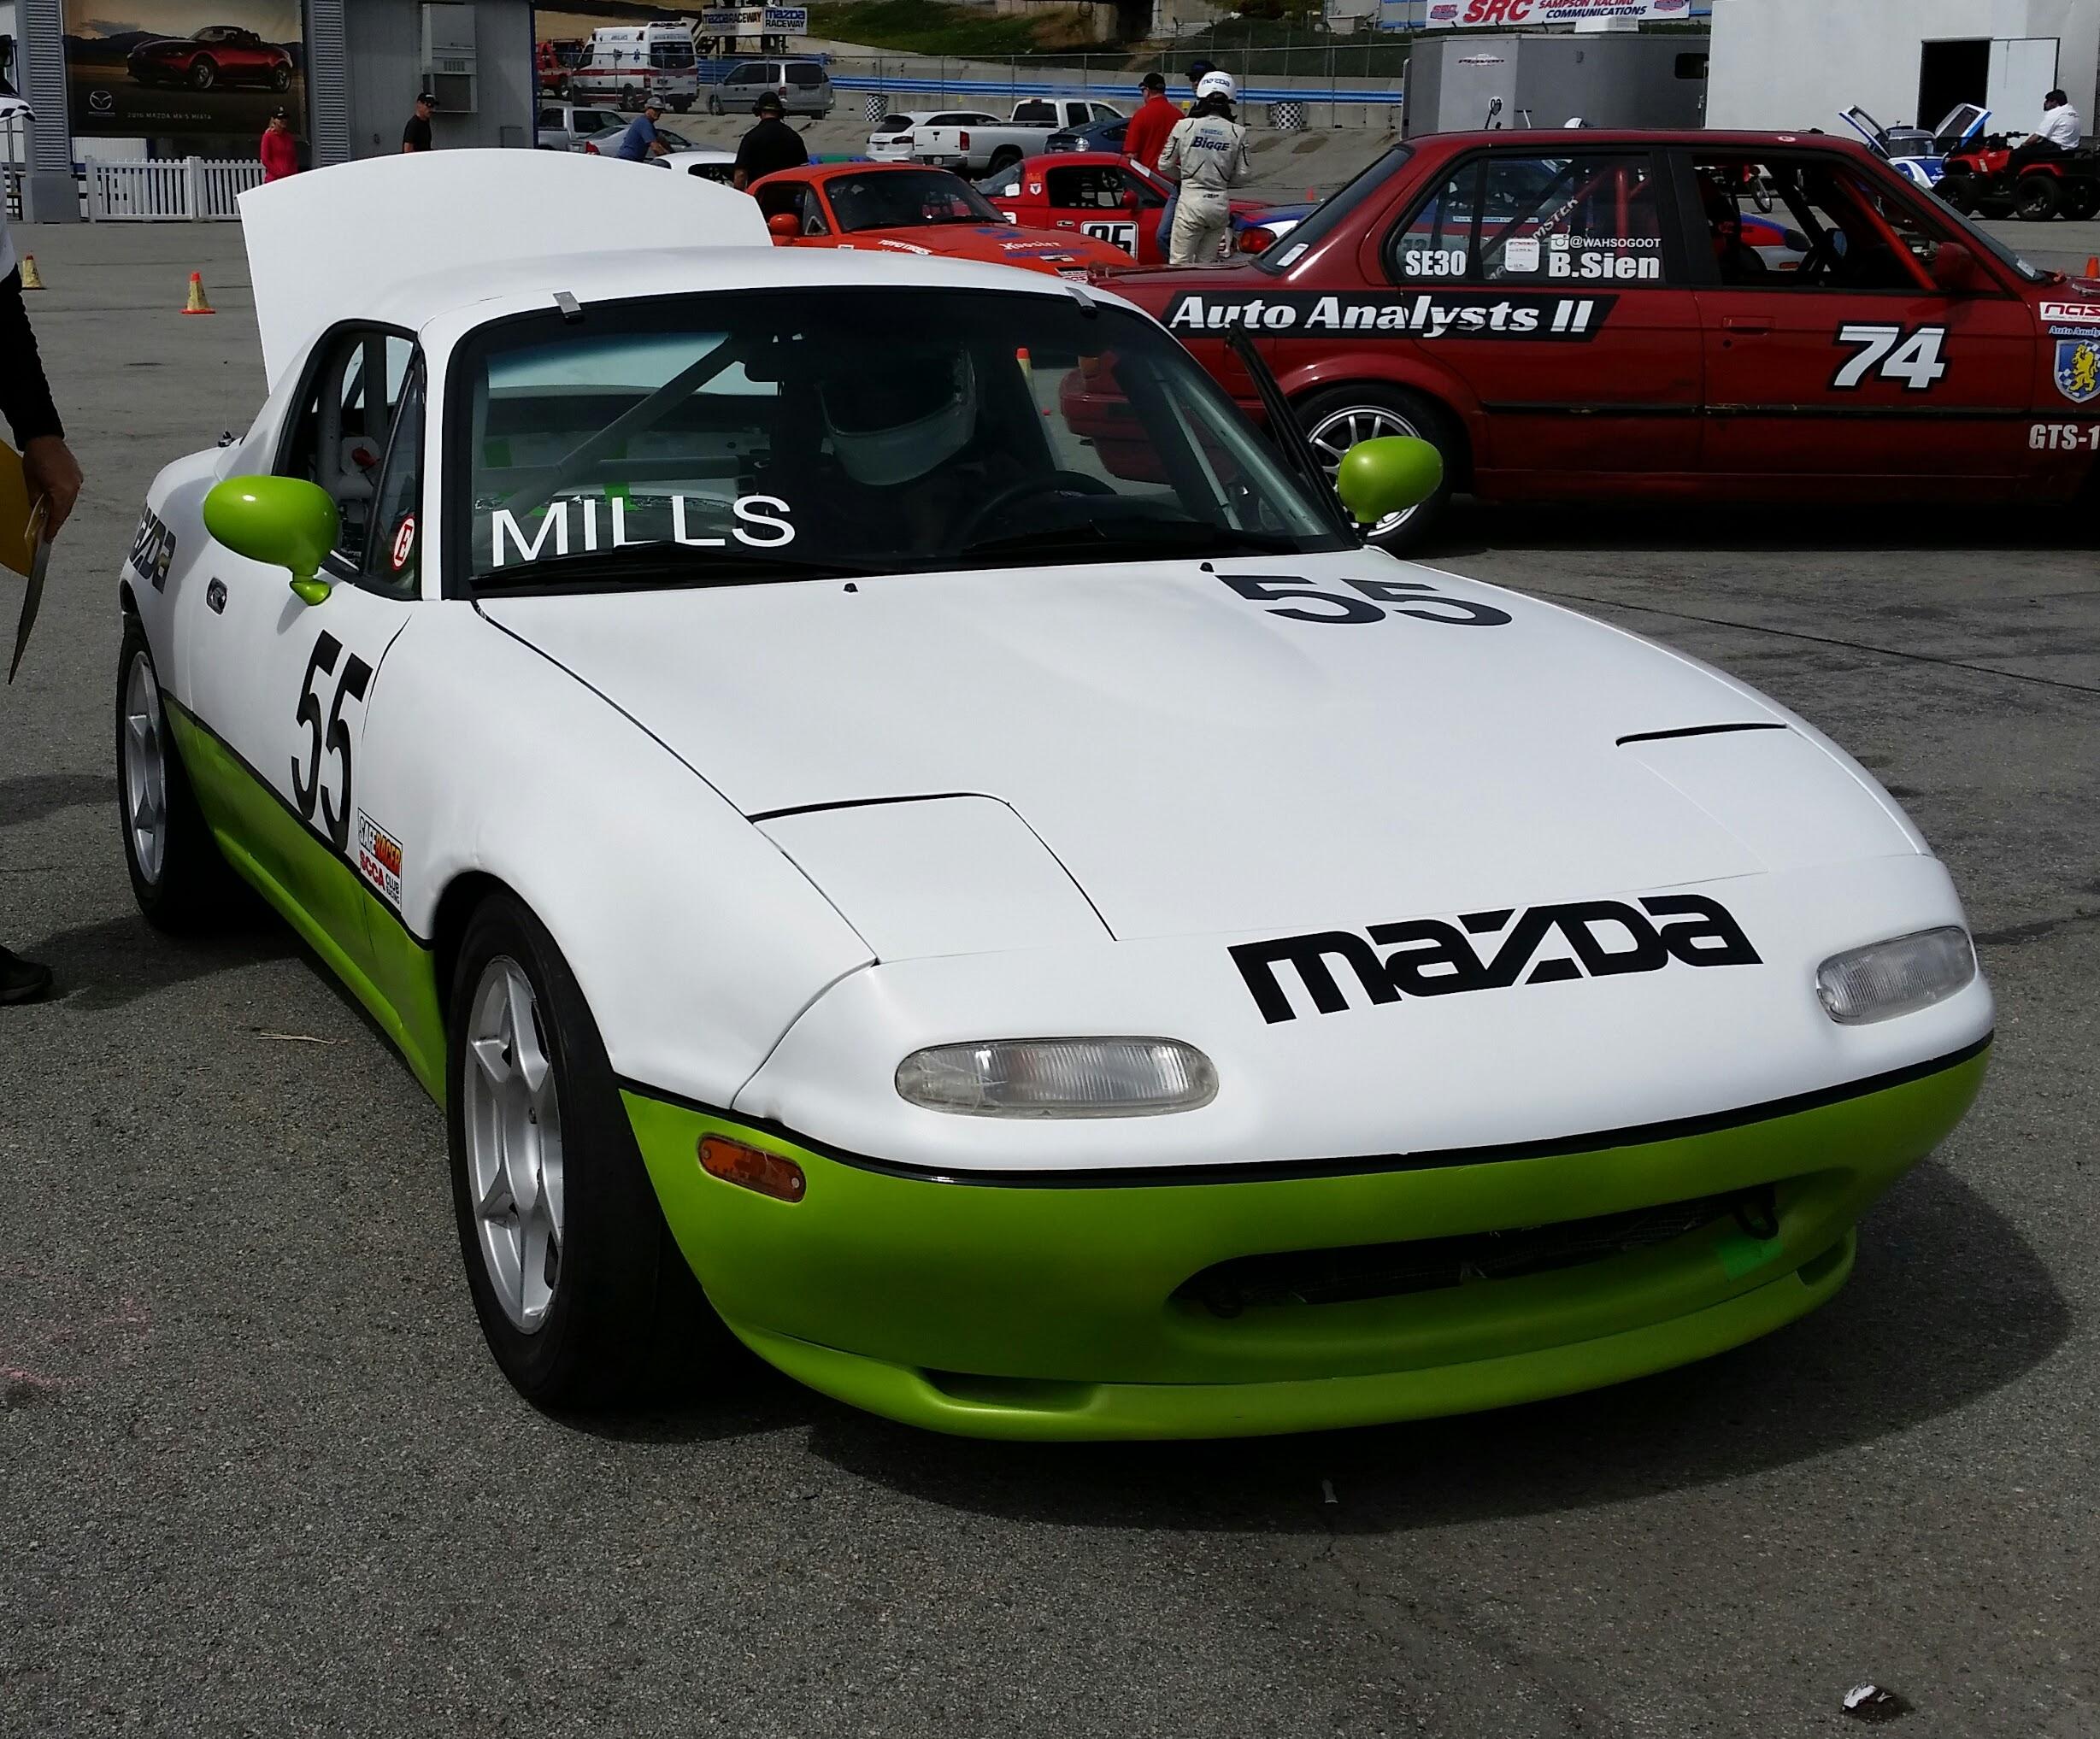 Mills Sport Racing 55 Spec Miata